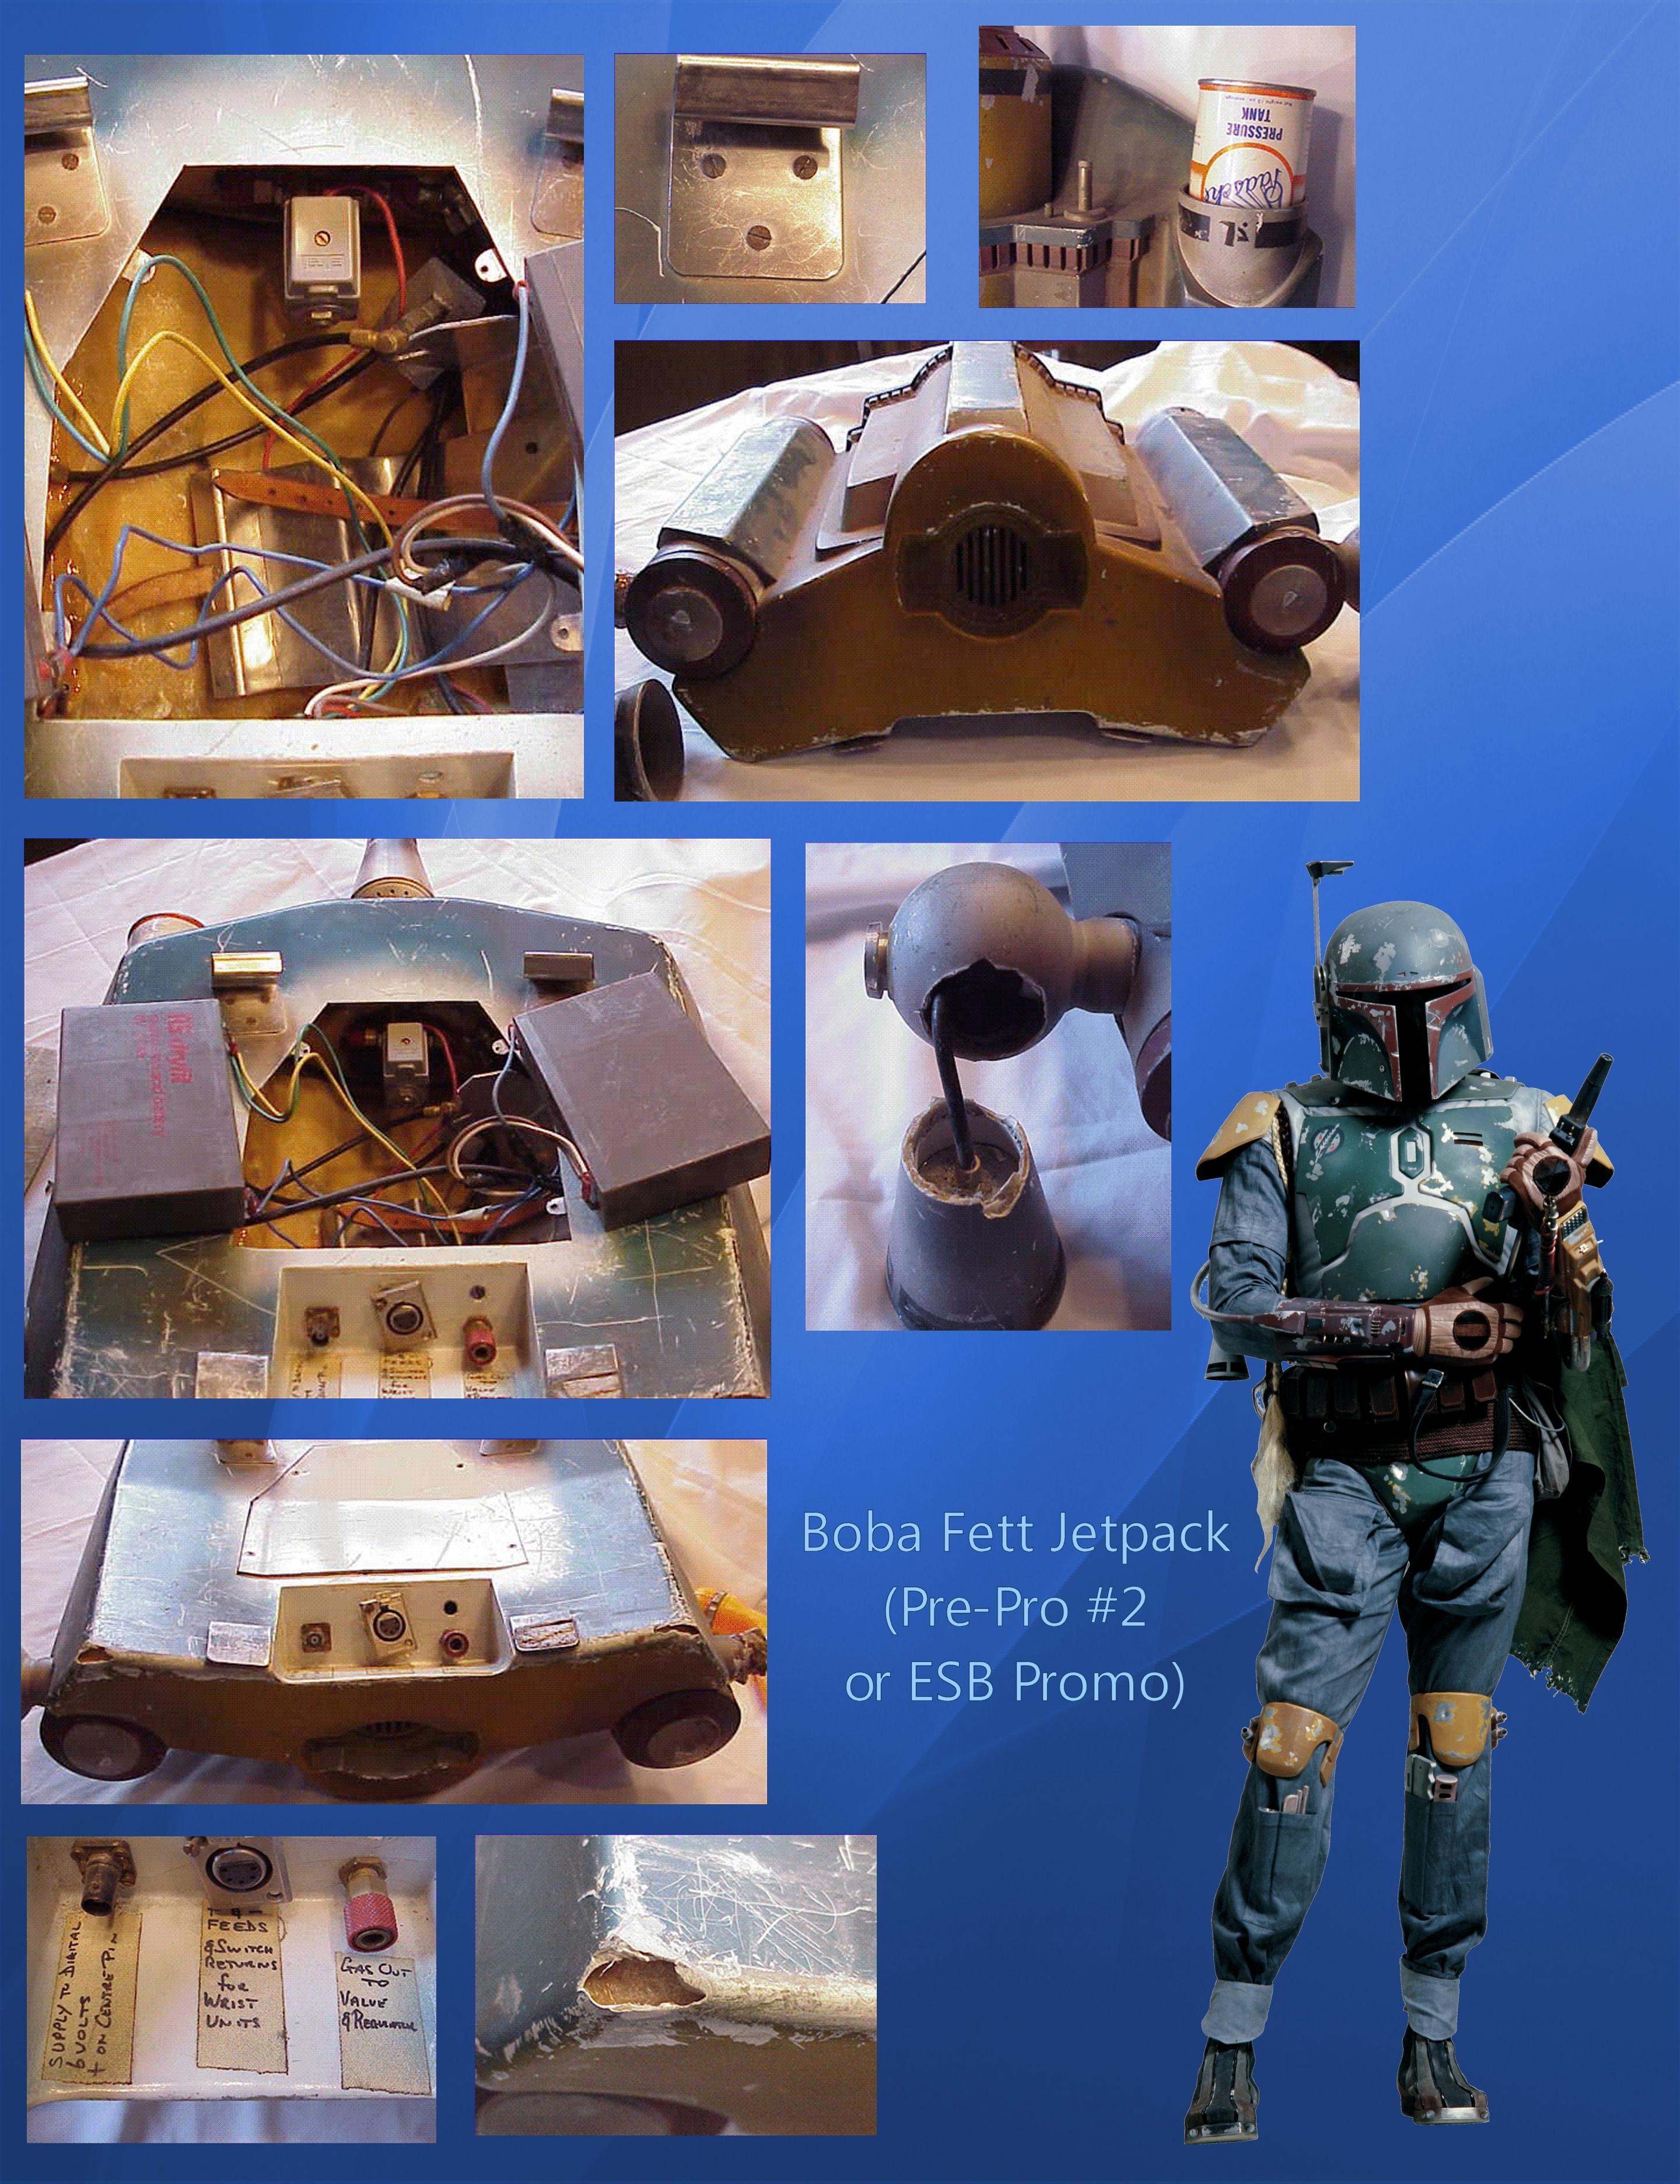 PP2 Stolen Jetpack.jpg